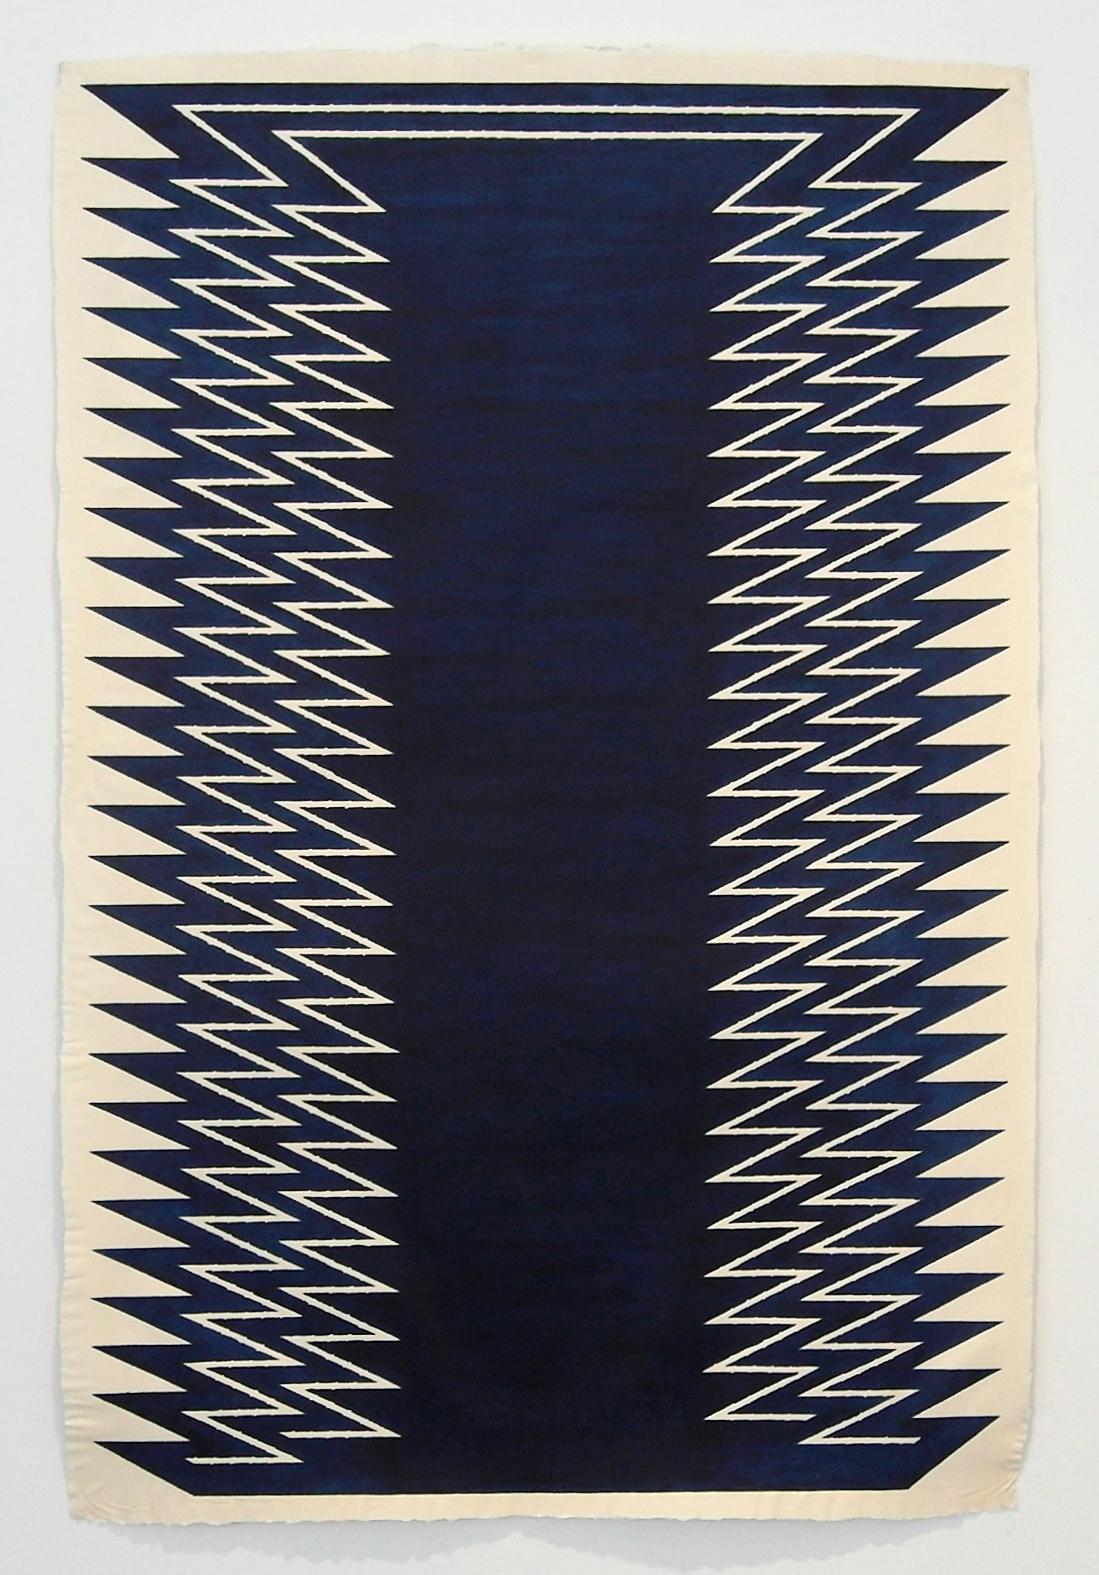 Awake, Sleeper , 2012  Leather dye on handmade paper  60 x 40 inches